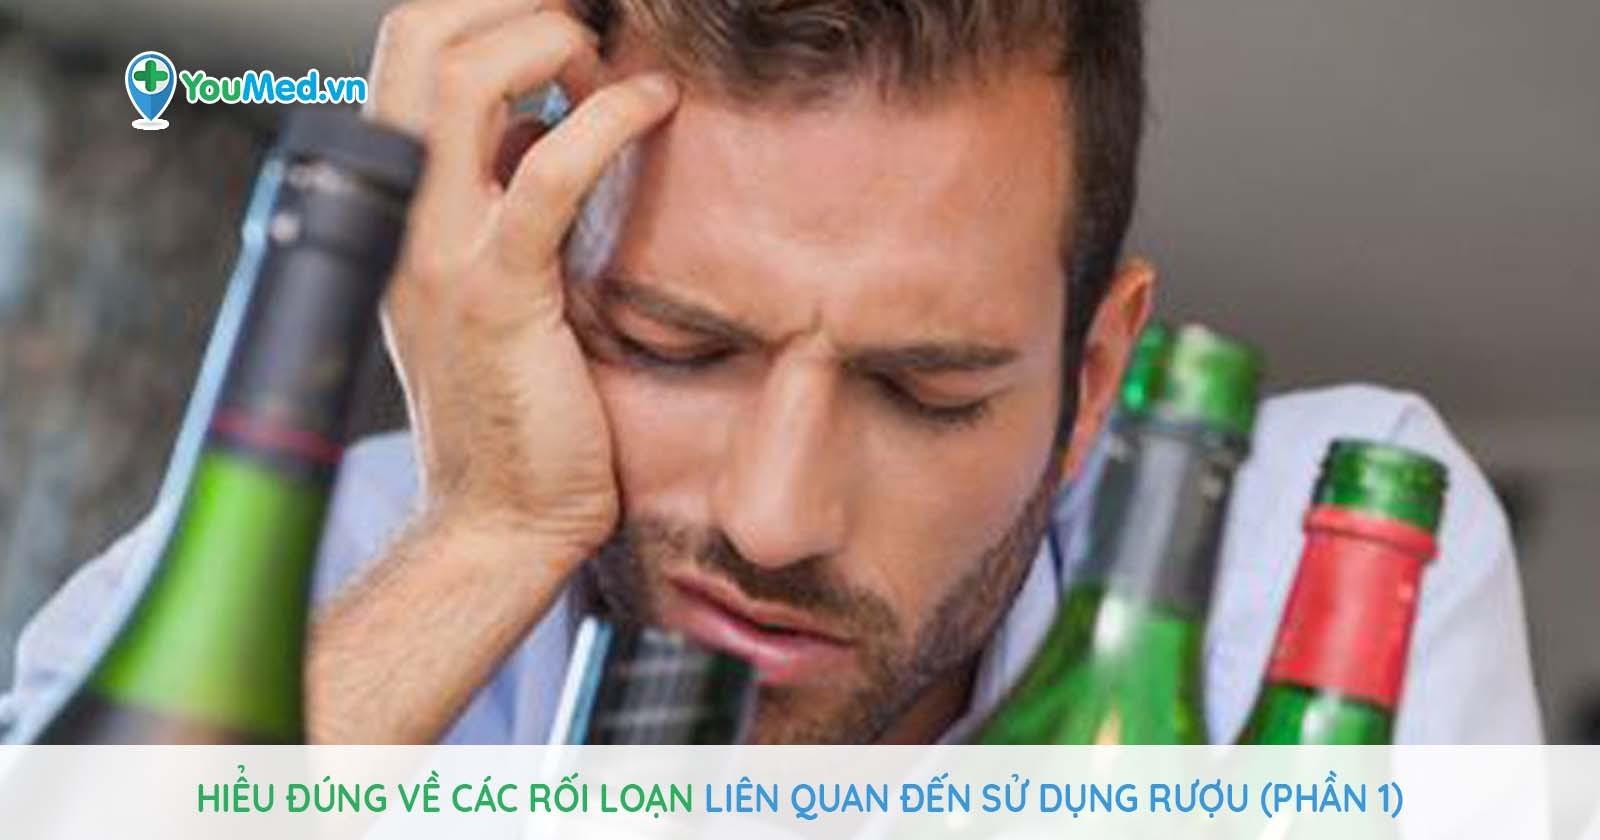 Hiểu đúng về các rối loạn liên quan đến sử dụng rượu (Phần 1)